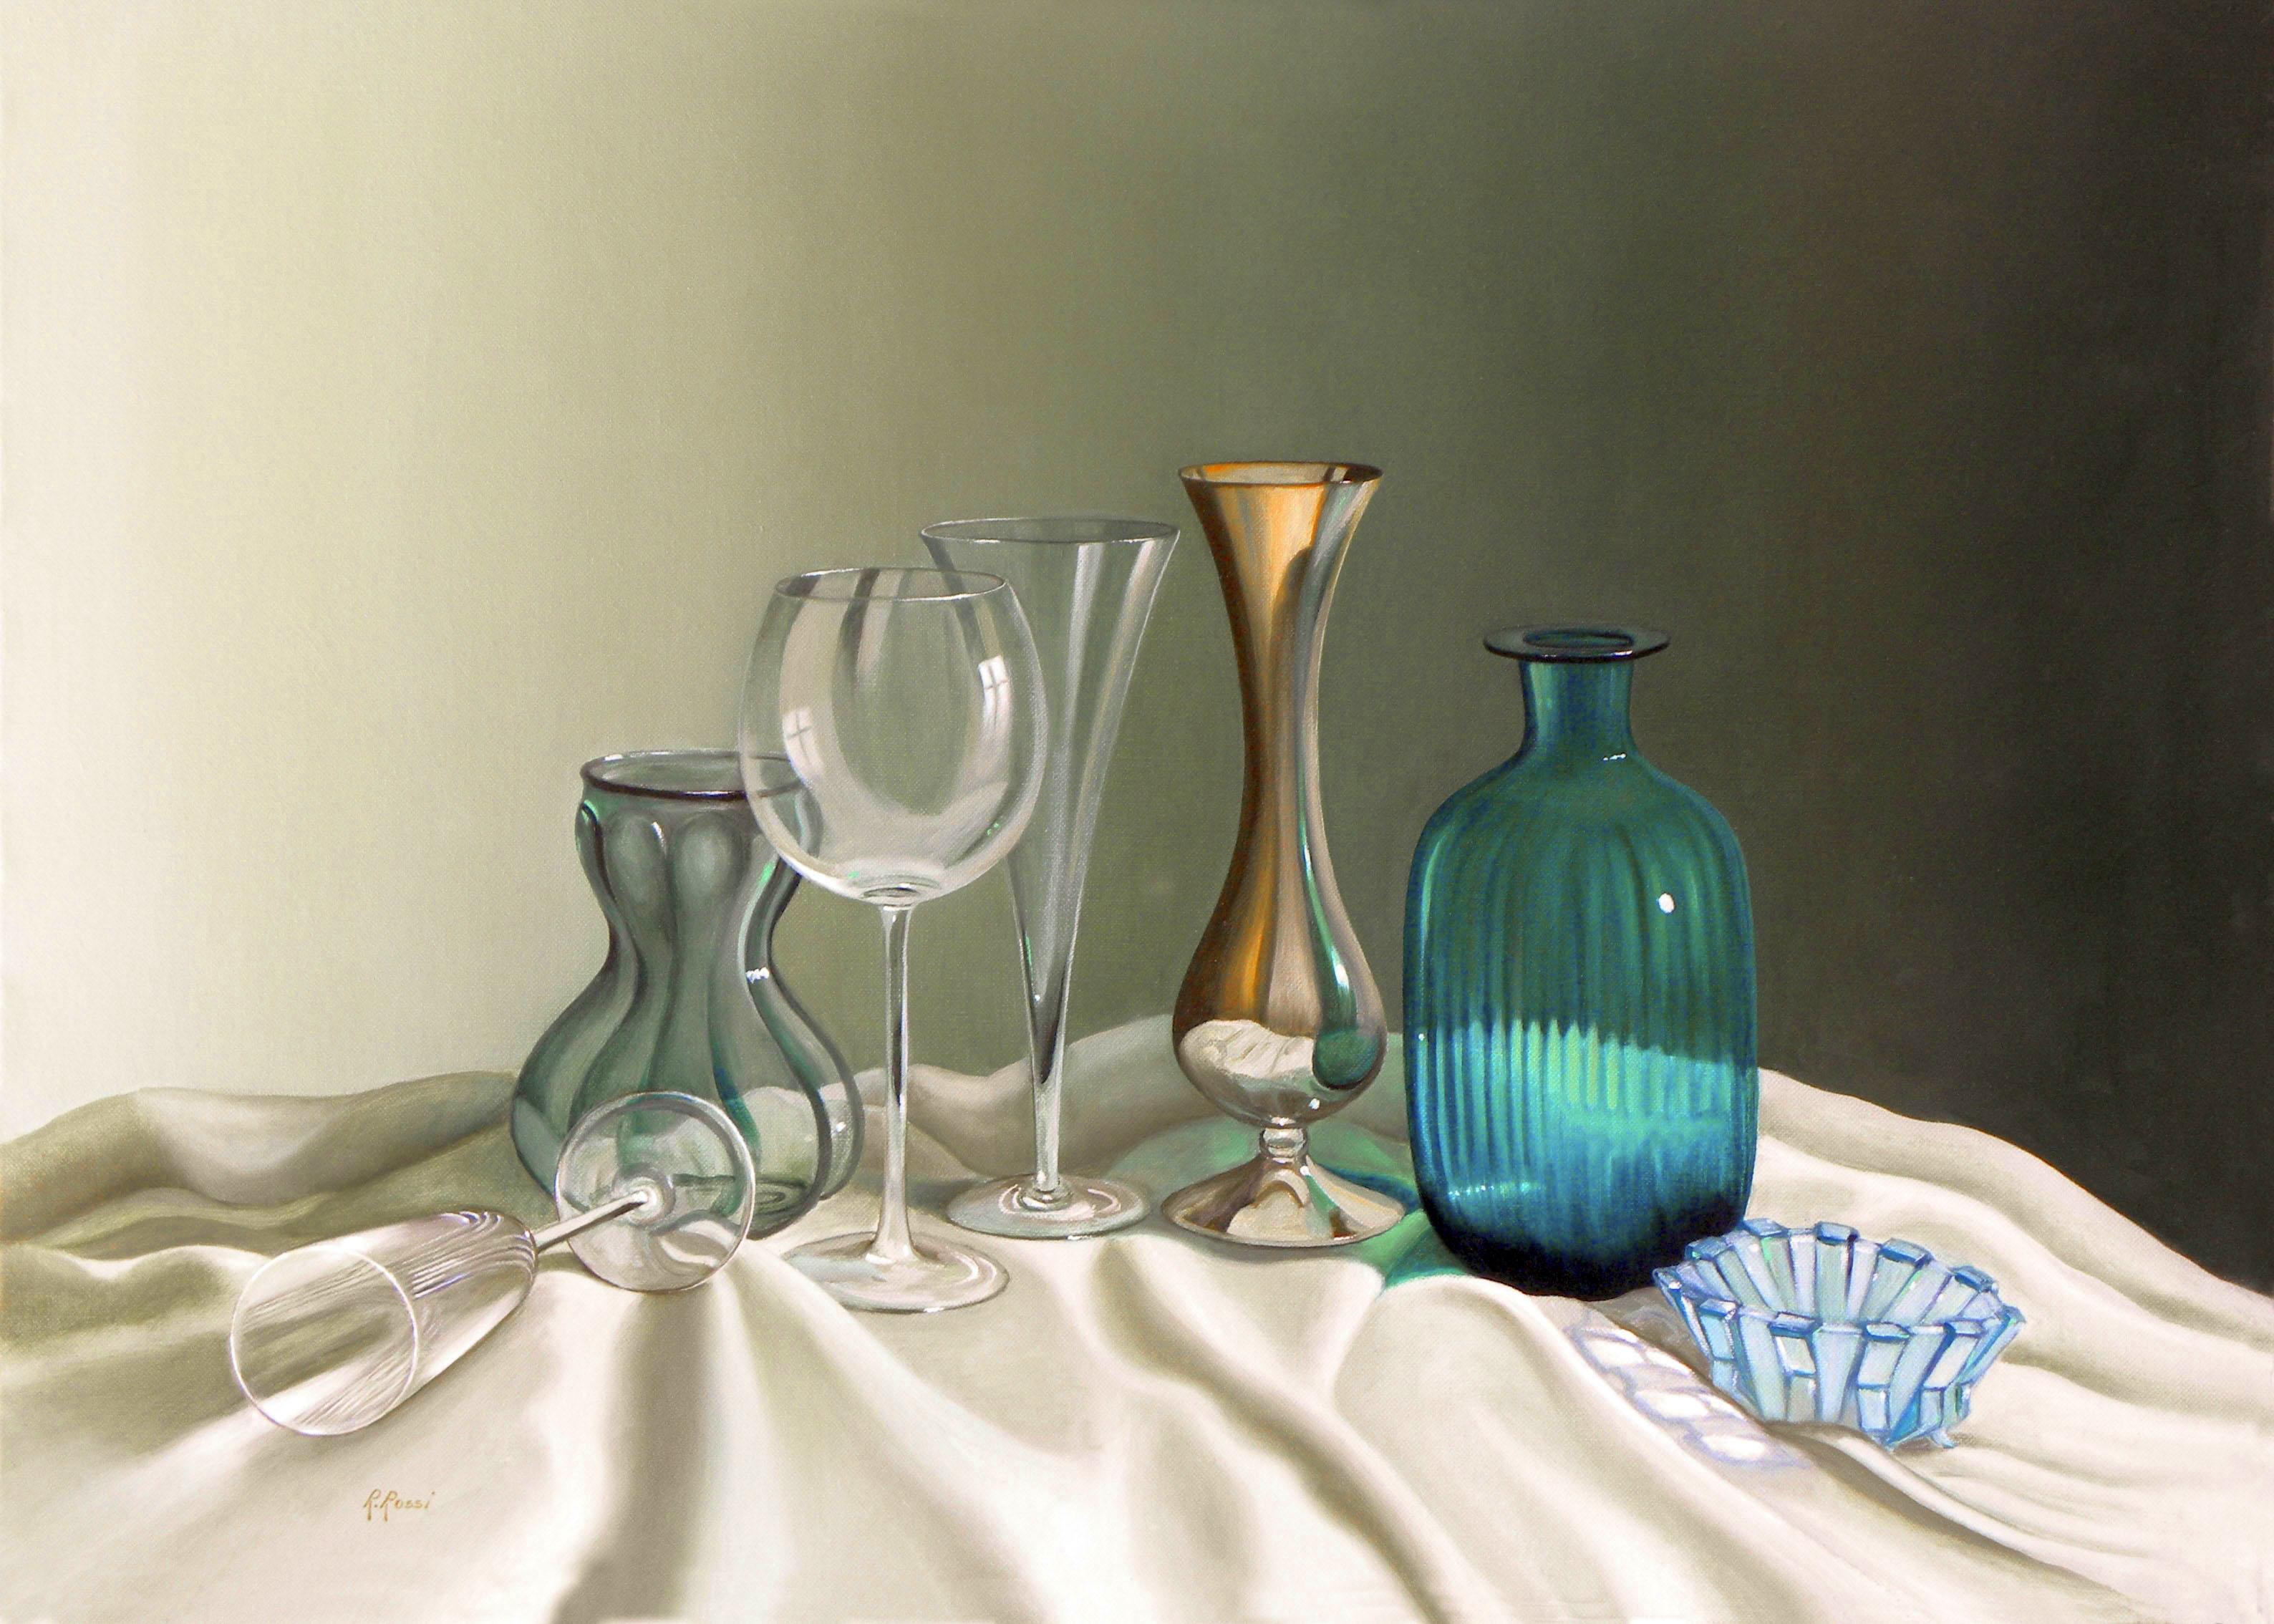 2012 roberta rossi - seducenti trasparenze - olio su tela - 50 x 70